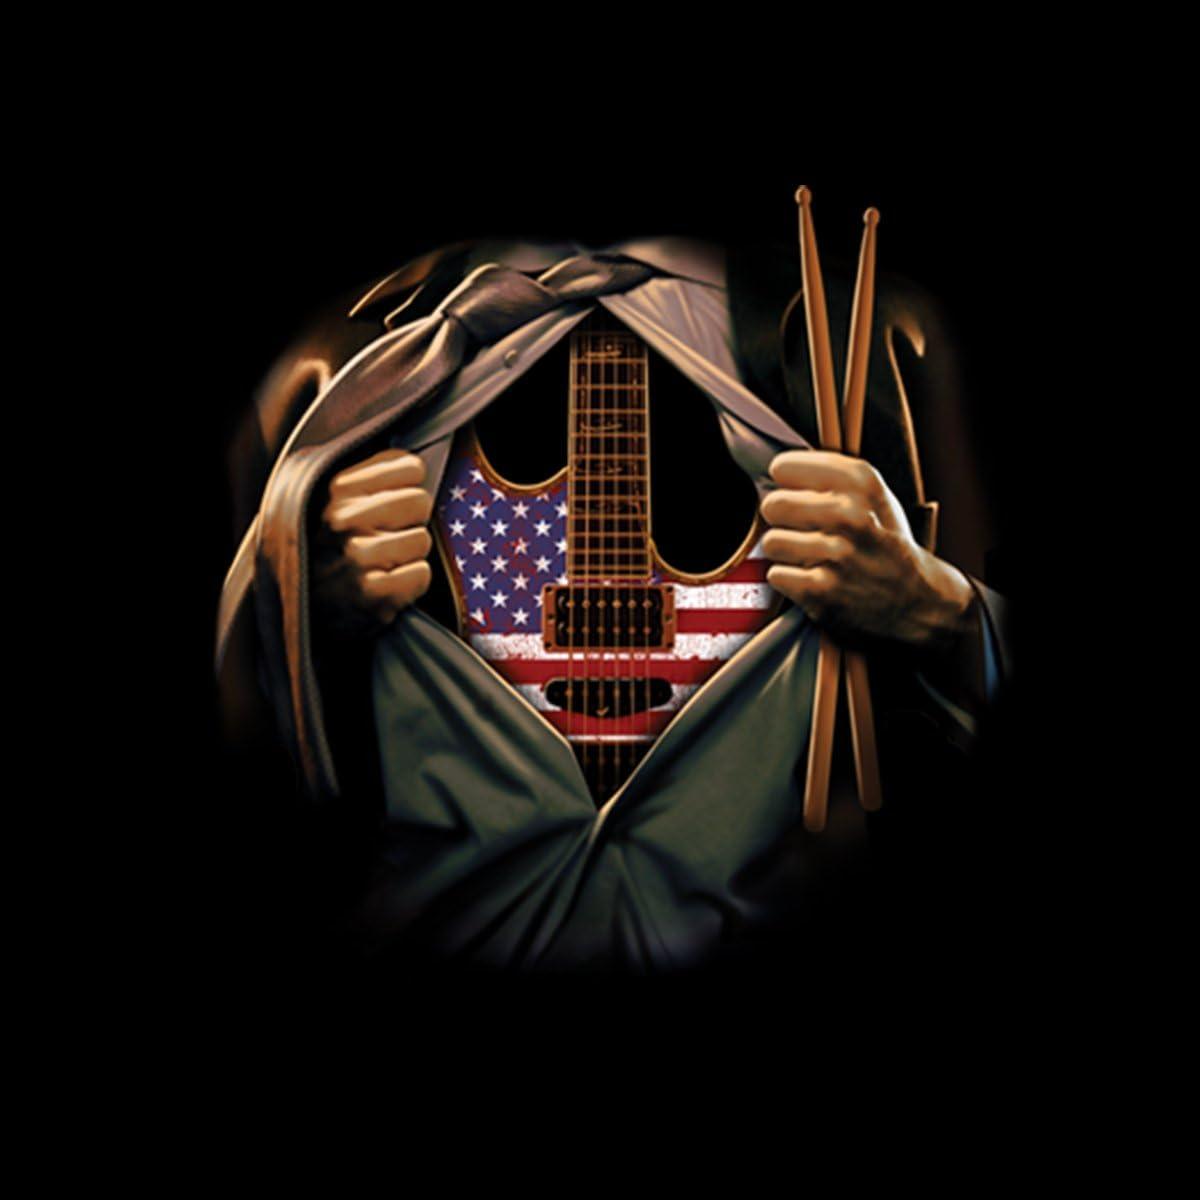 Music Soul Guitar Drumsticks Women T-shirt S-3XL New